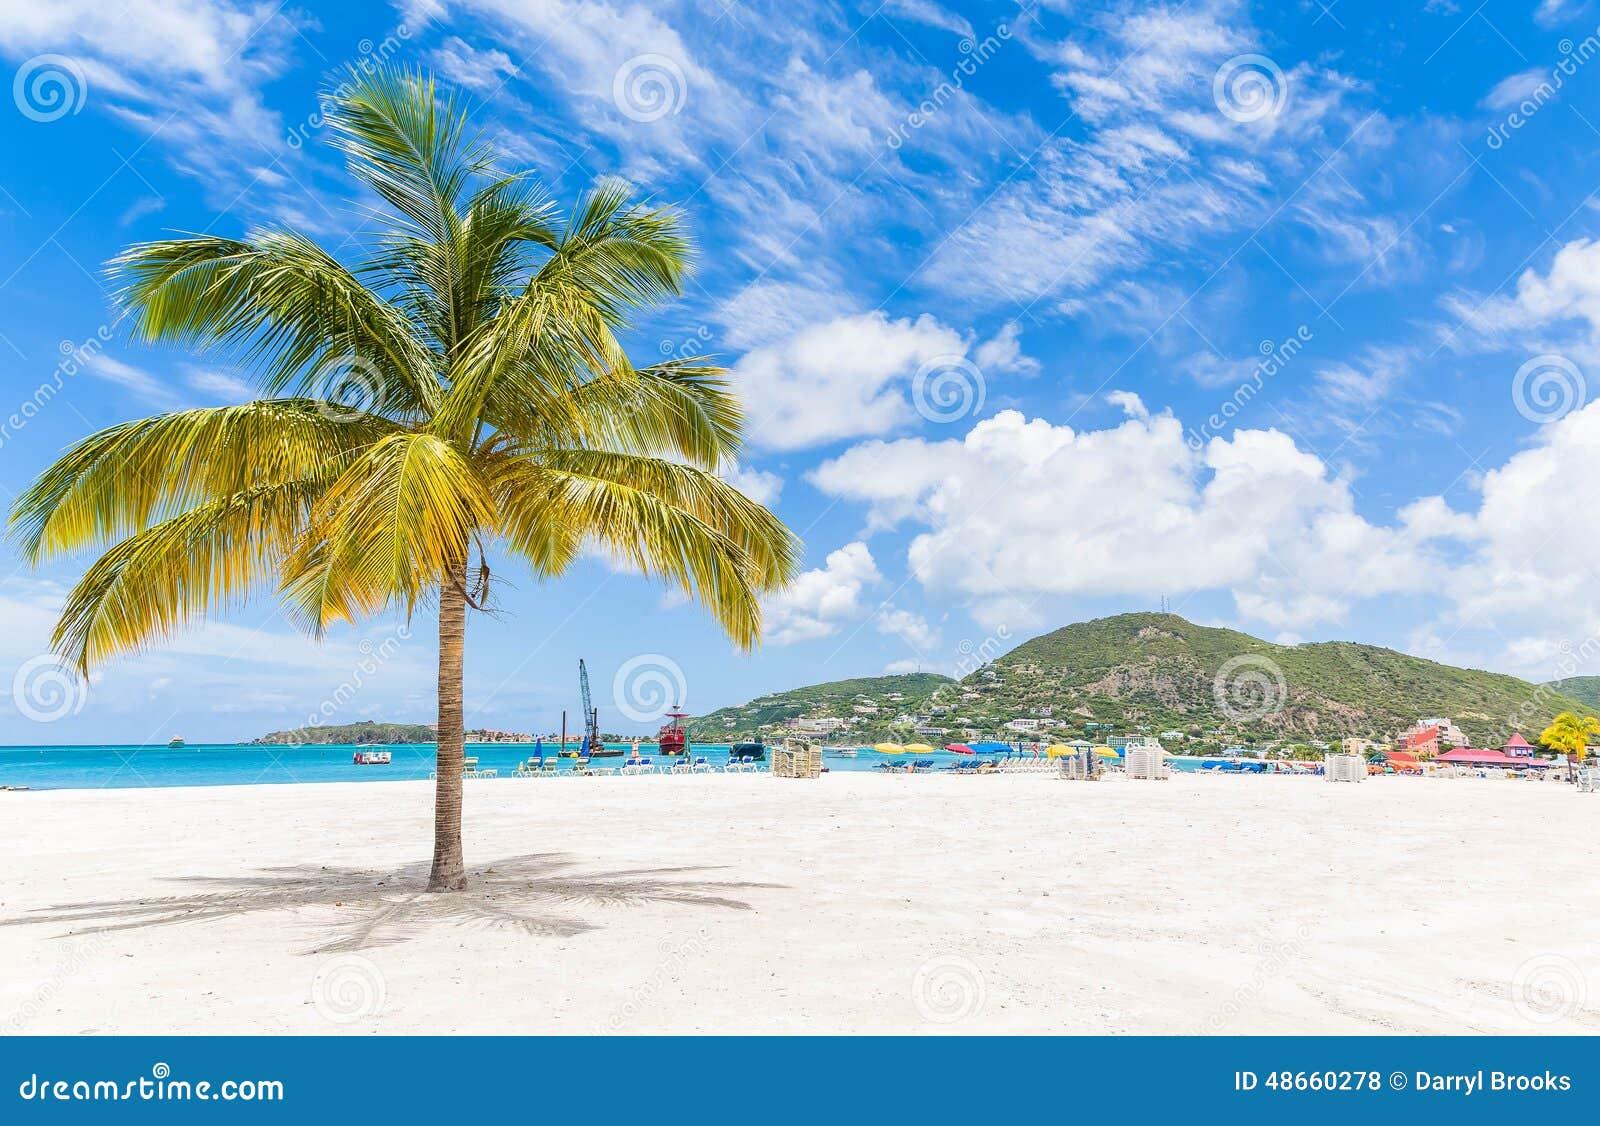 Palm Tree on St Martin Beach